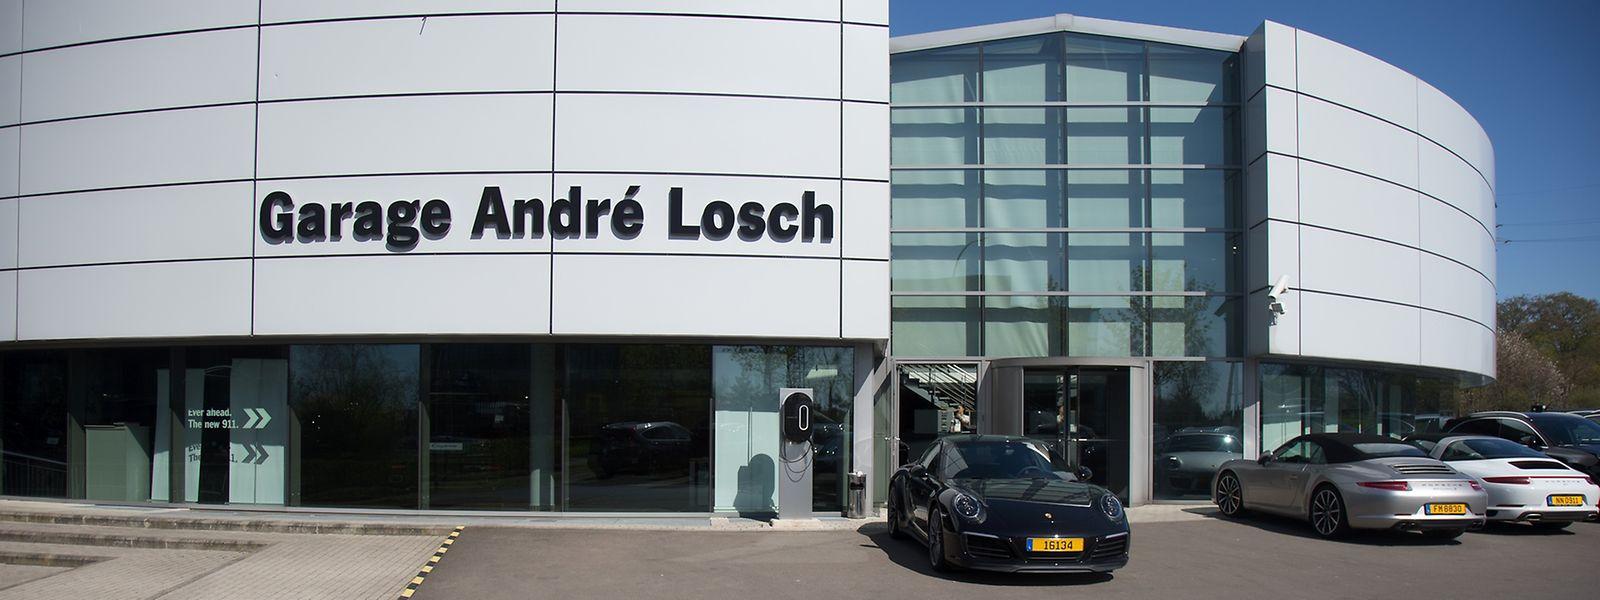 Zur Losch-Gruppe gehören heute neben den Importgesellschaften wie Autosdistribution Losch, PragAutos und HispanAutos noch verschiedene Autohandelsgesellschaften mit Geschäften an neun Standorten.